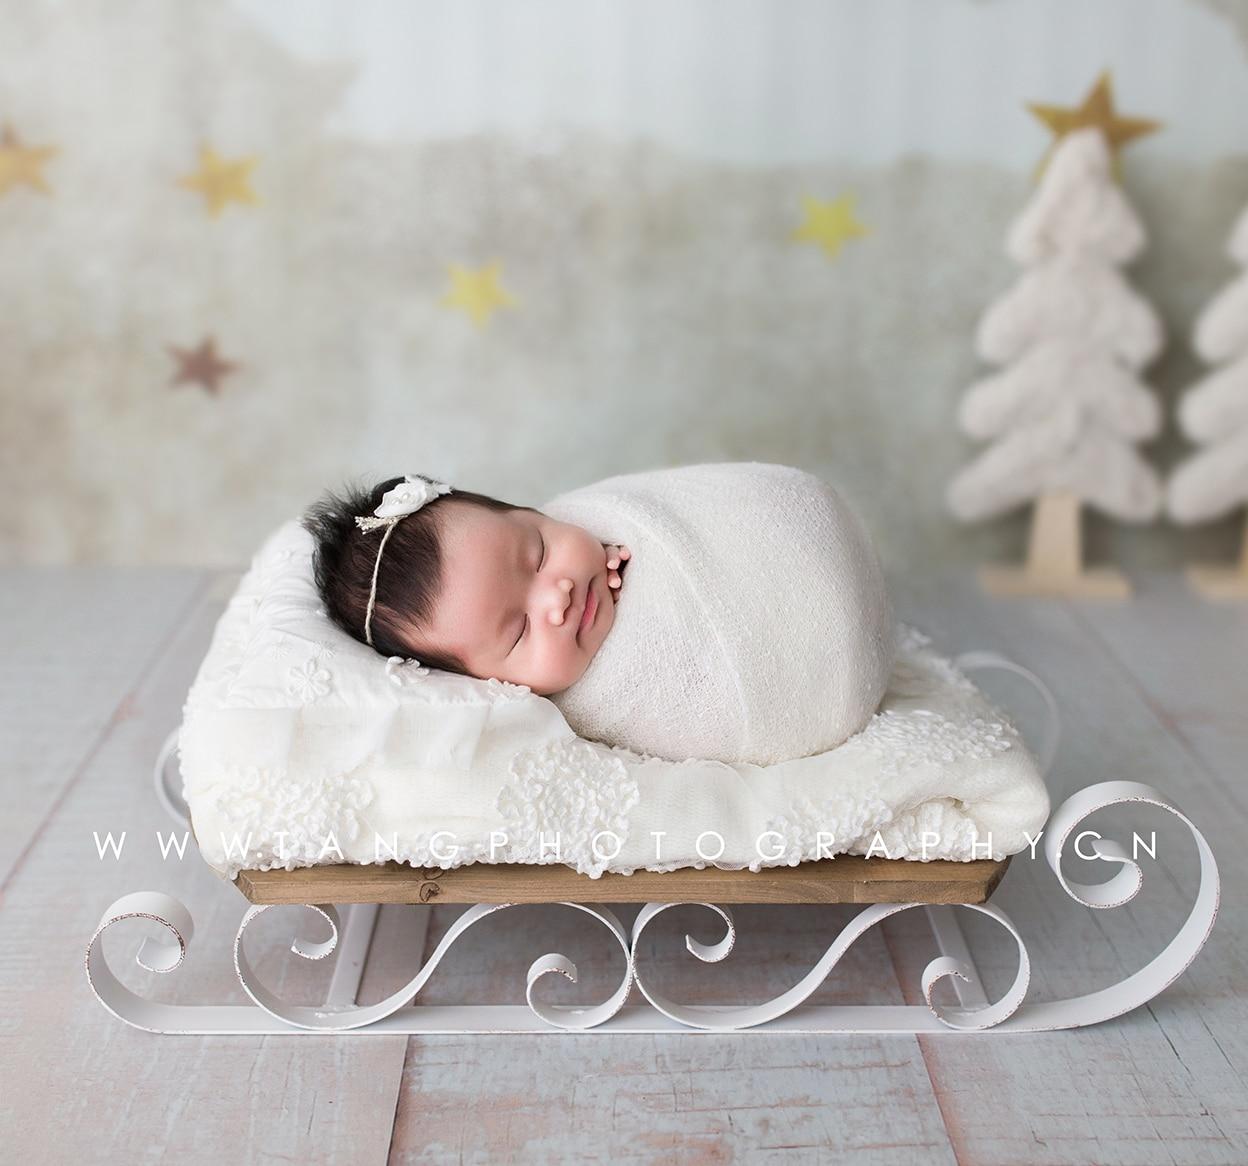 Accessoires de photographie pour nouveau-nés | Accessoires créatifs pour baby photo, chariot pour nouveaux-nés, petits accessoires de lit, studio photo